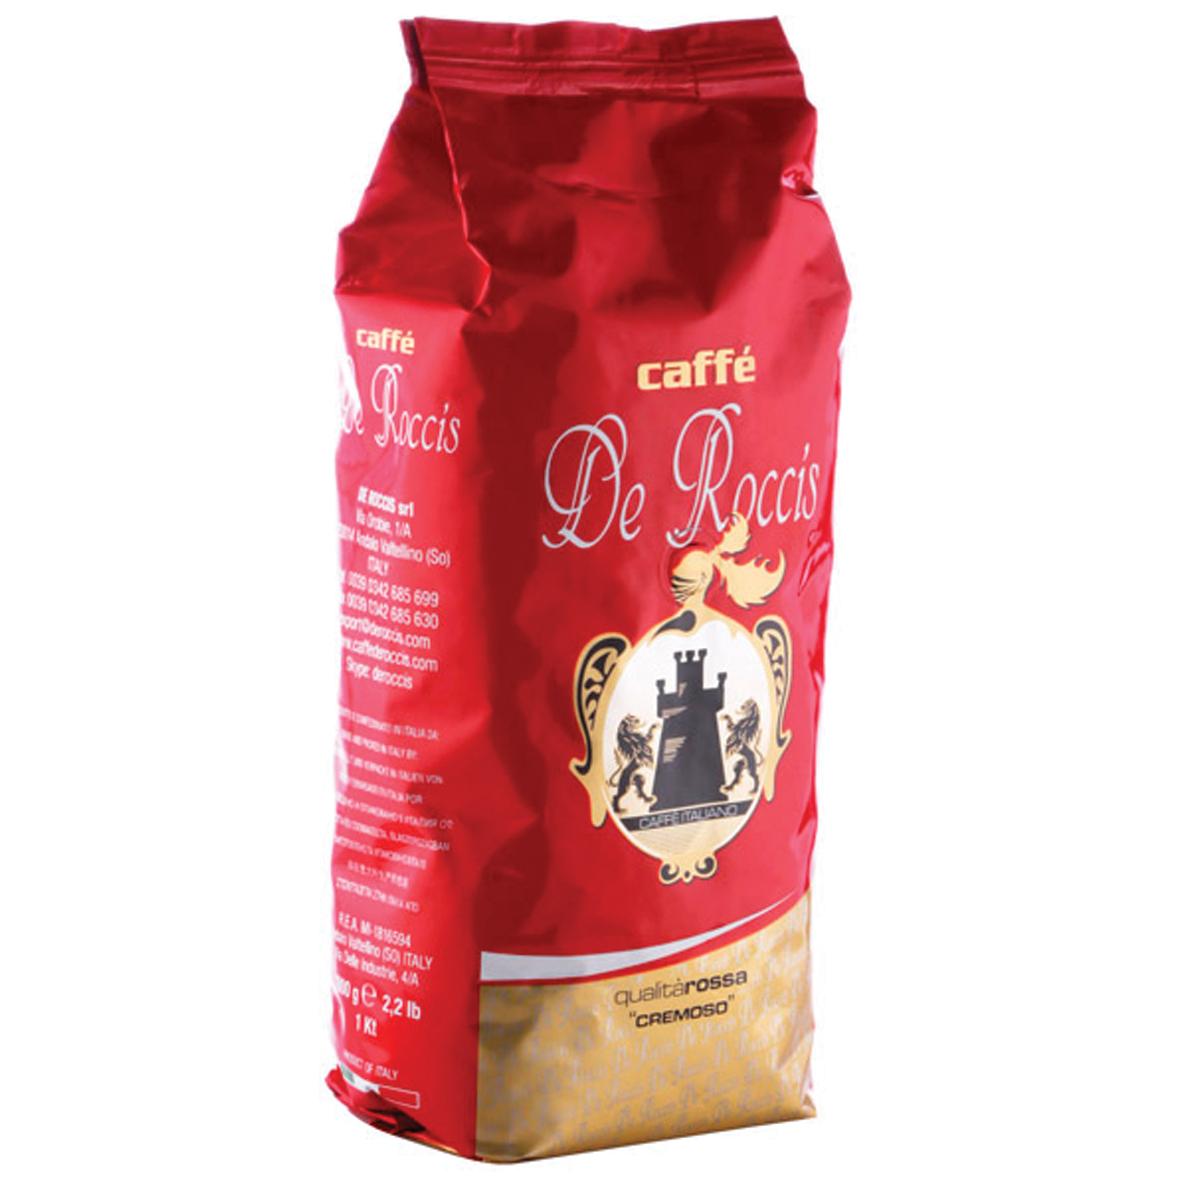 De Roccis Rossa кофе в зернах, 1 кг0120710Кофе натуральный жареный в зернах De Roccis Rossa. Кофейная смесь средней сладости из лучших сортов кофе Робуста и Арабика, придающих ей более четкий вкус, длительное послевкусие и тонкий аромат. Классический Итальянский эспрессо. Состав смеси: 85% арабика, 15% робуста.